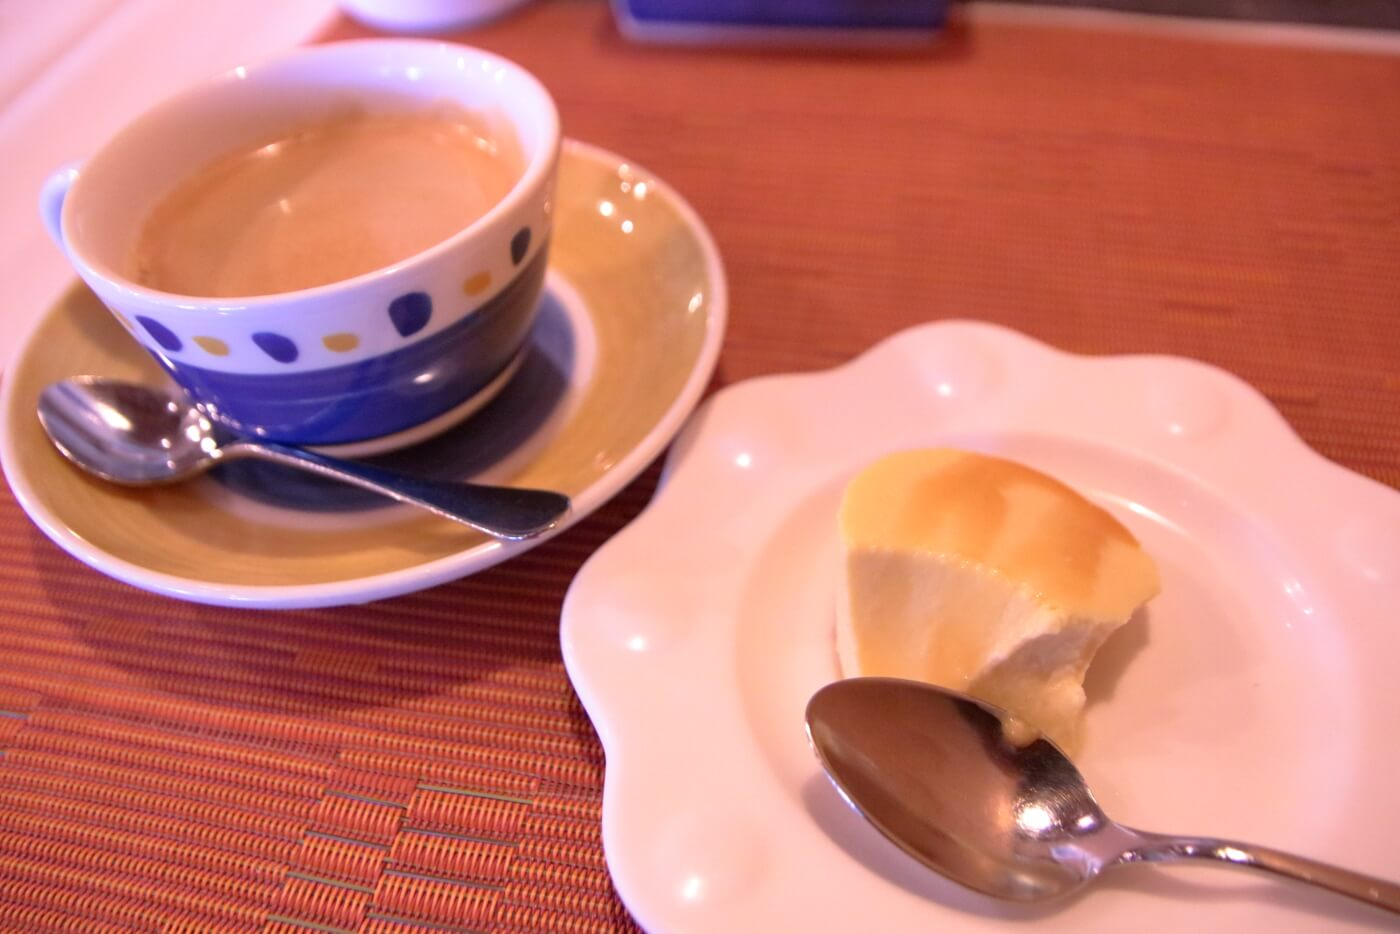 香美市土佐山田町のイタリア料理屋さんクアットロスタジオーニのランチに付くデザート